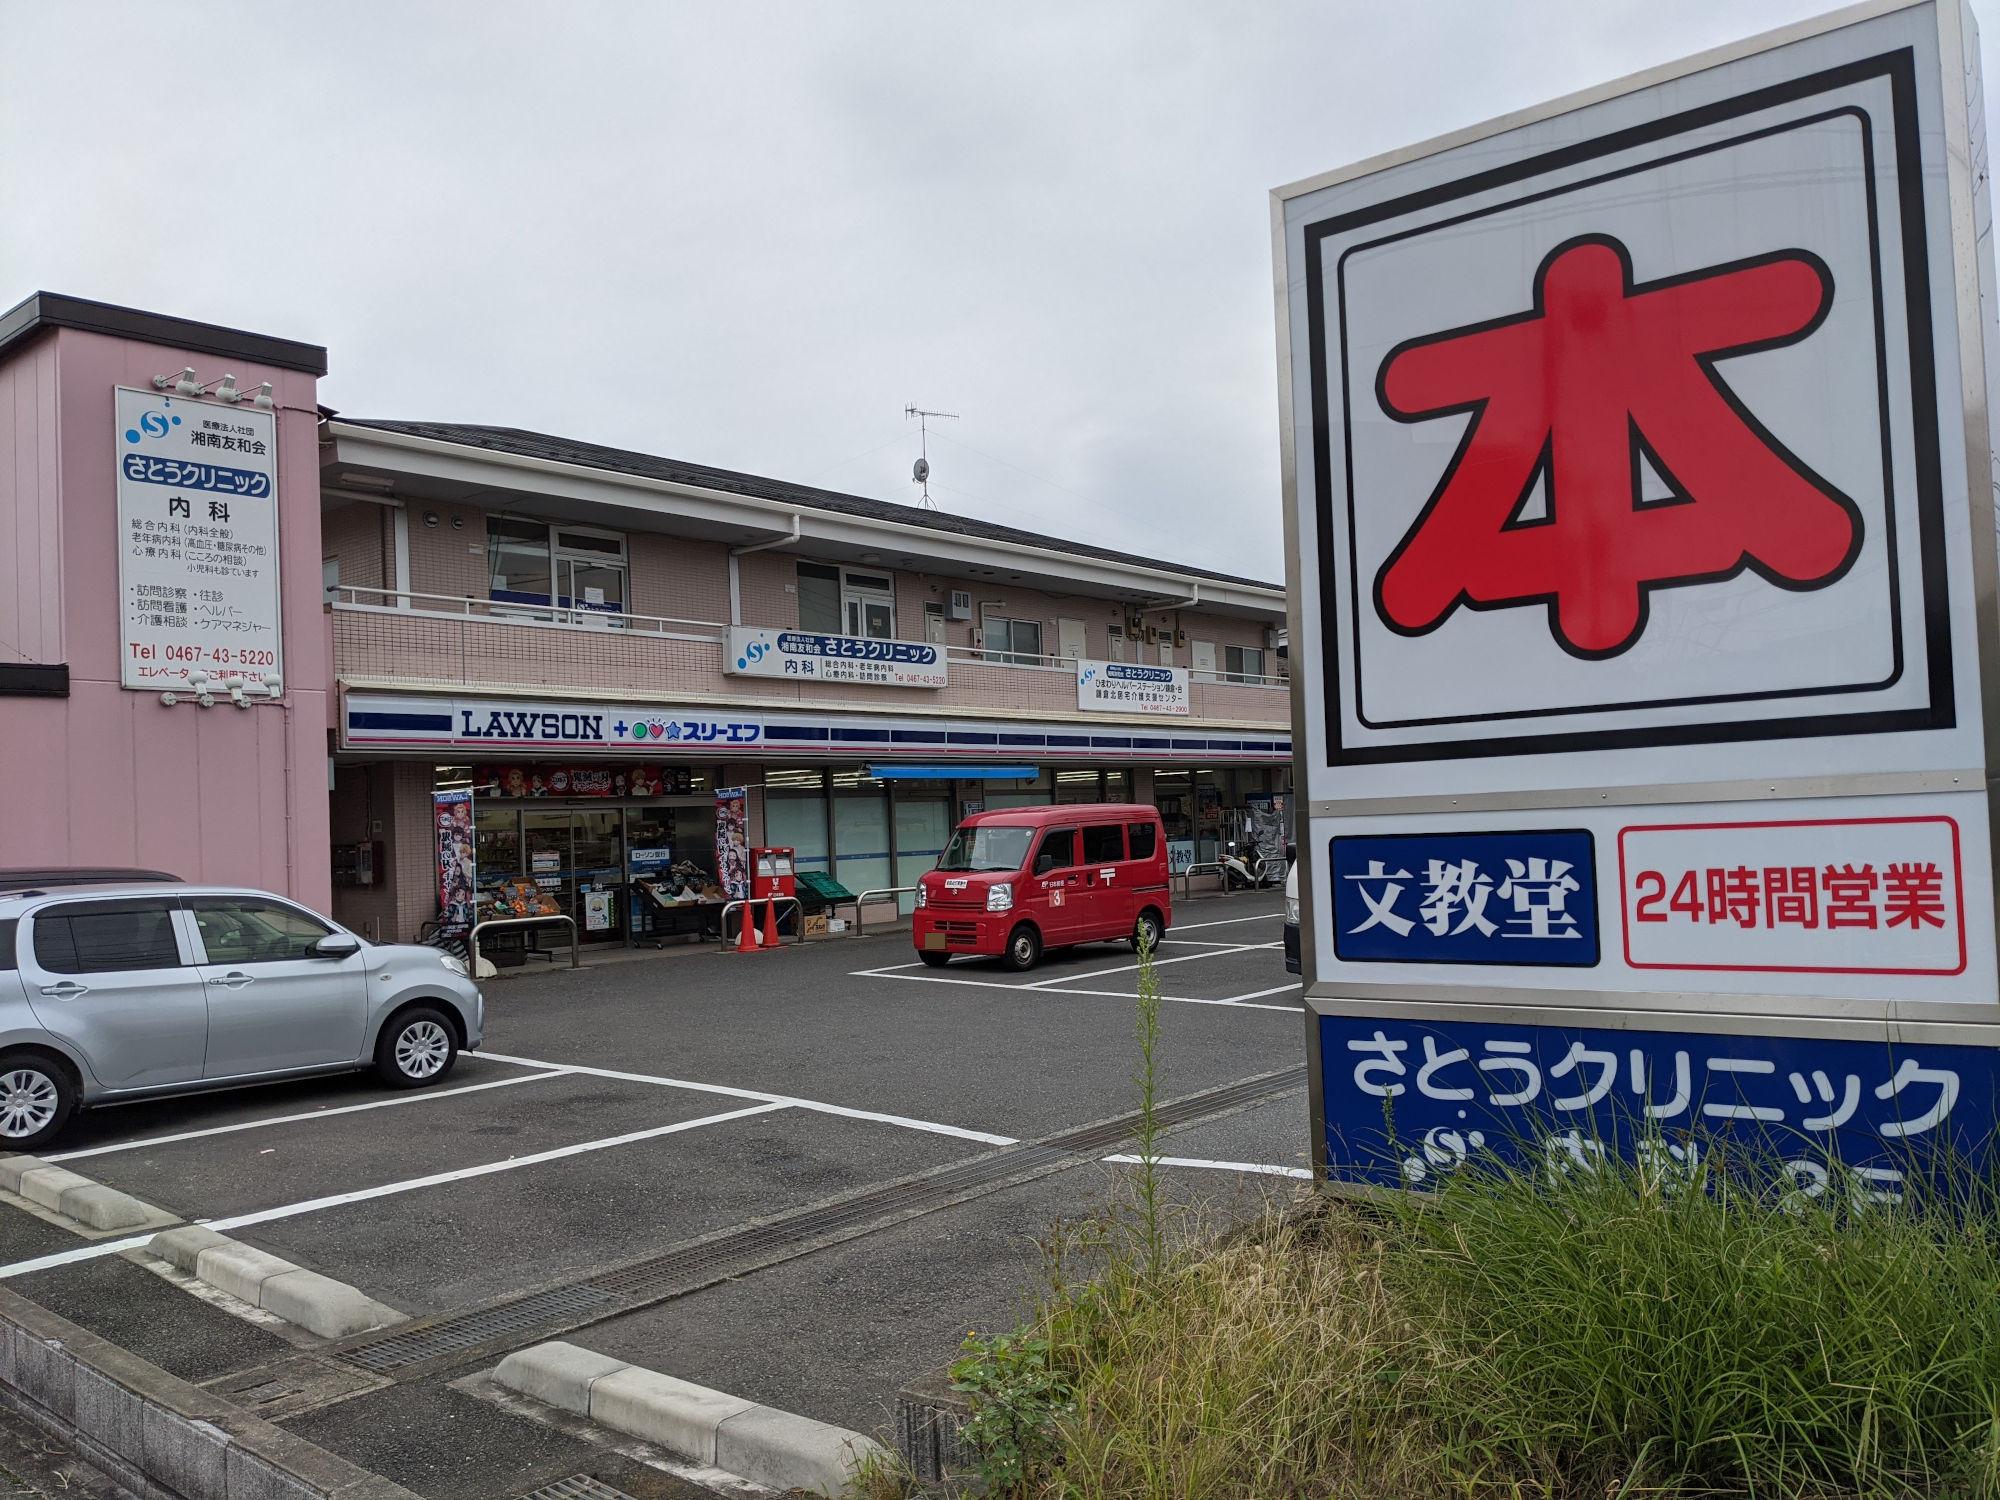 鎌倉A邸近くのコンビニ